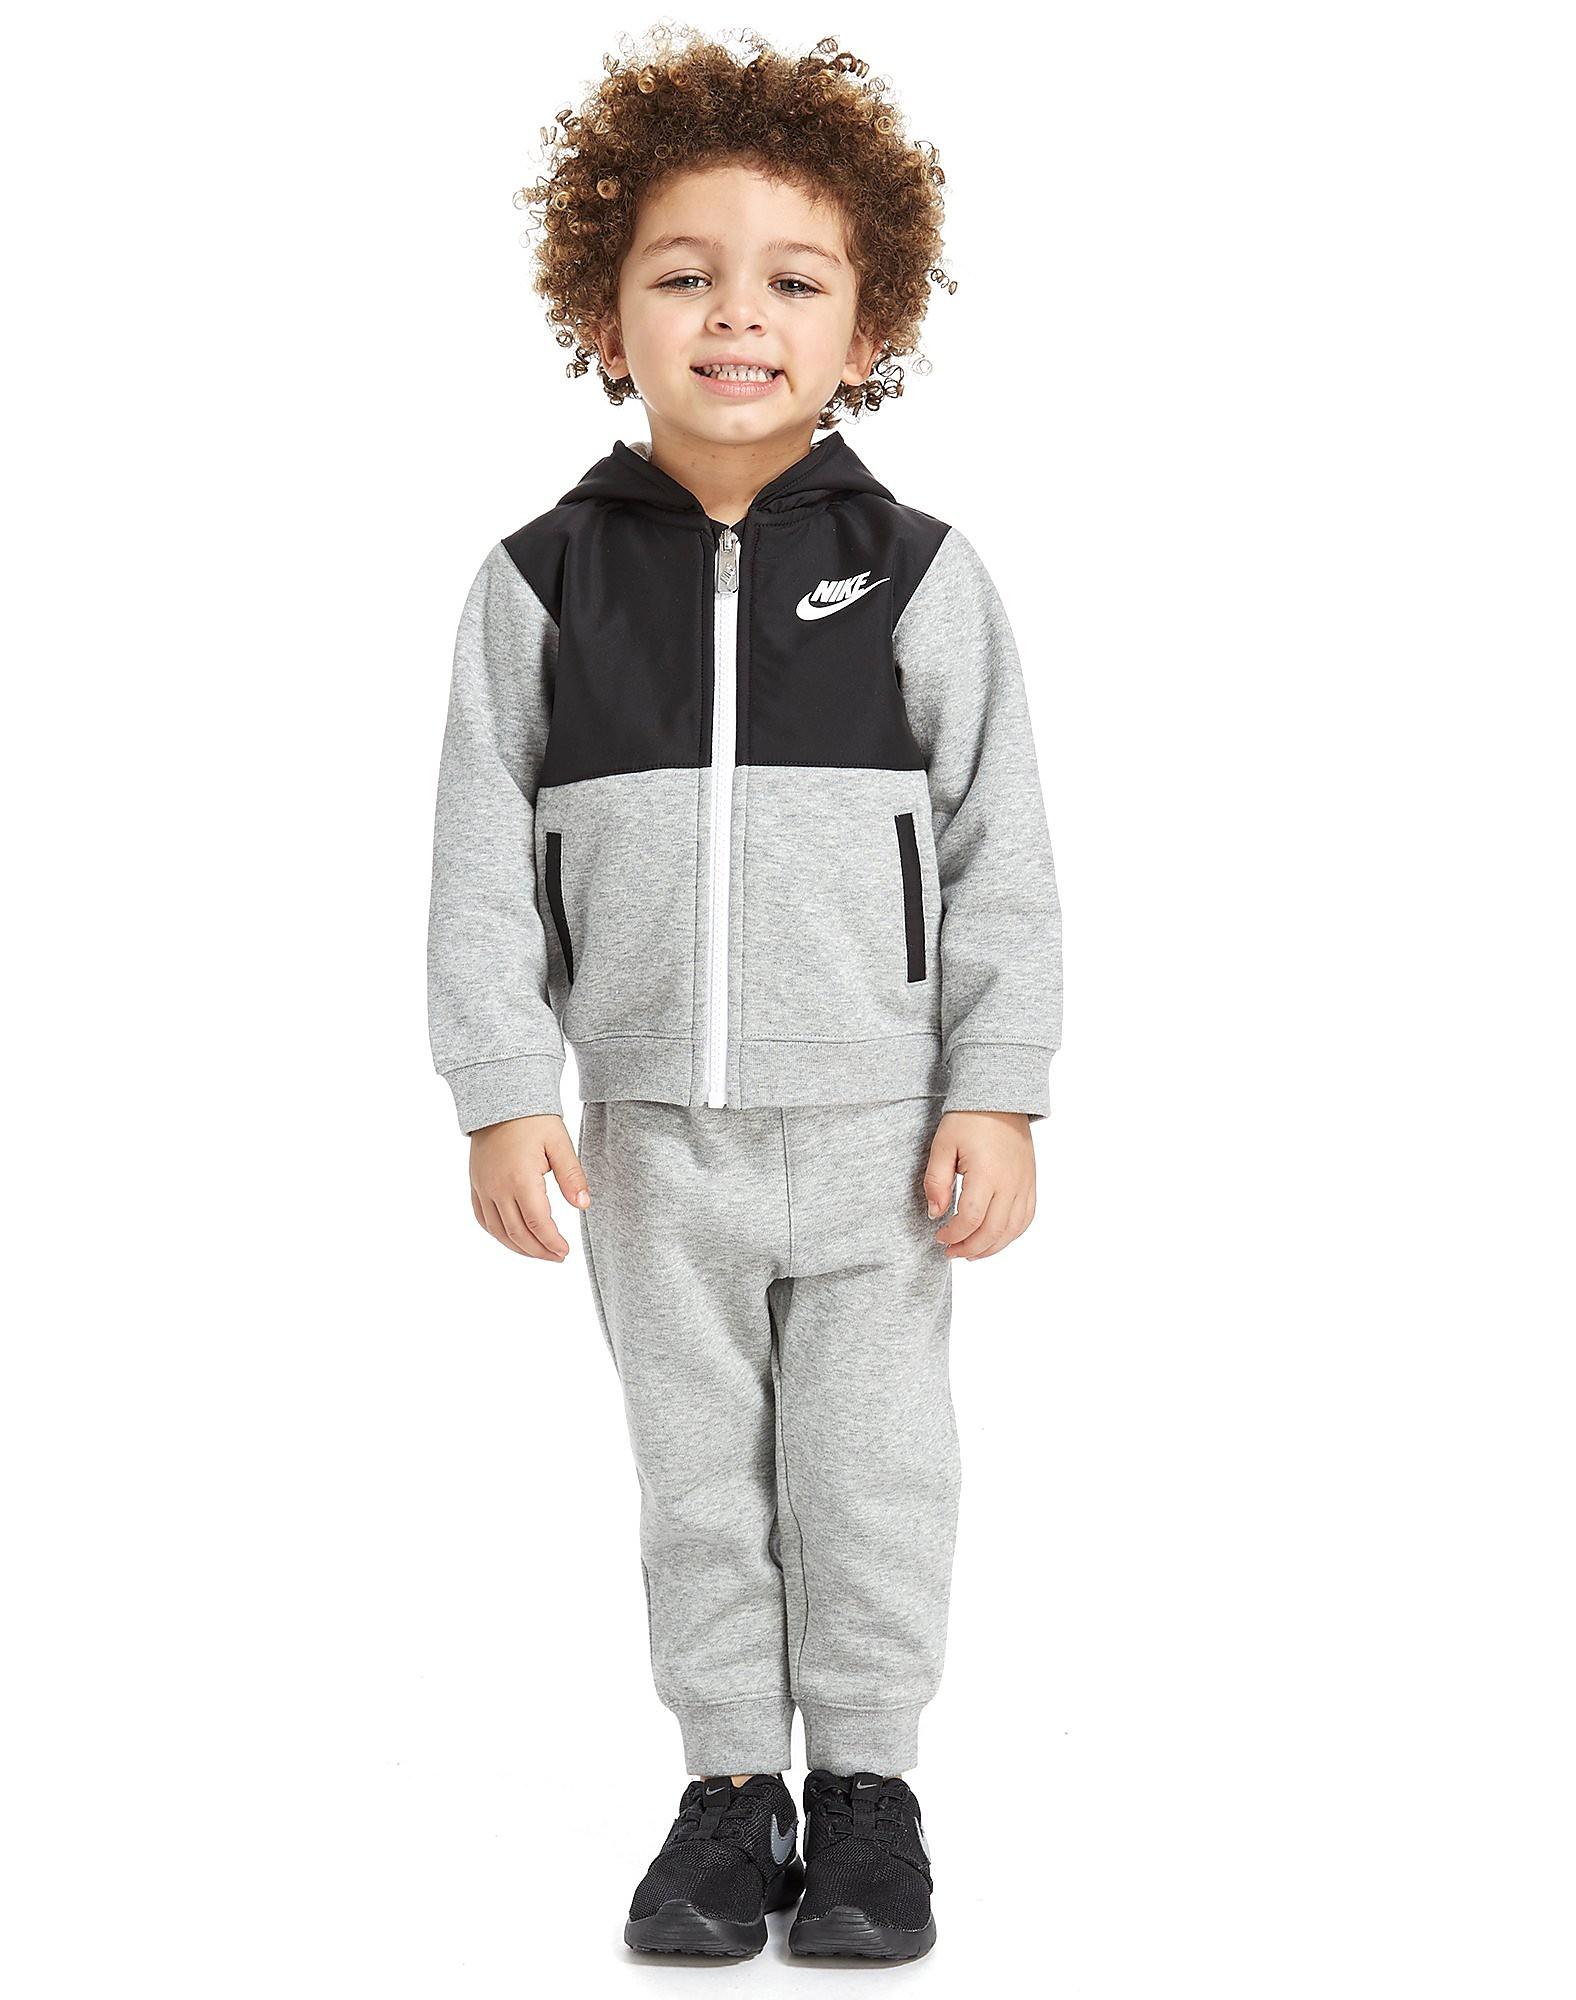 Nike Woven Mix Suit Infant